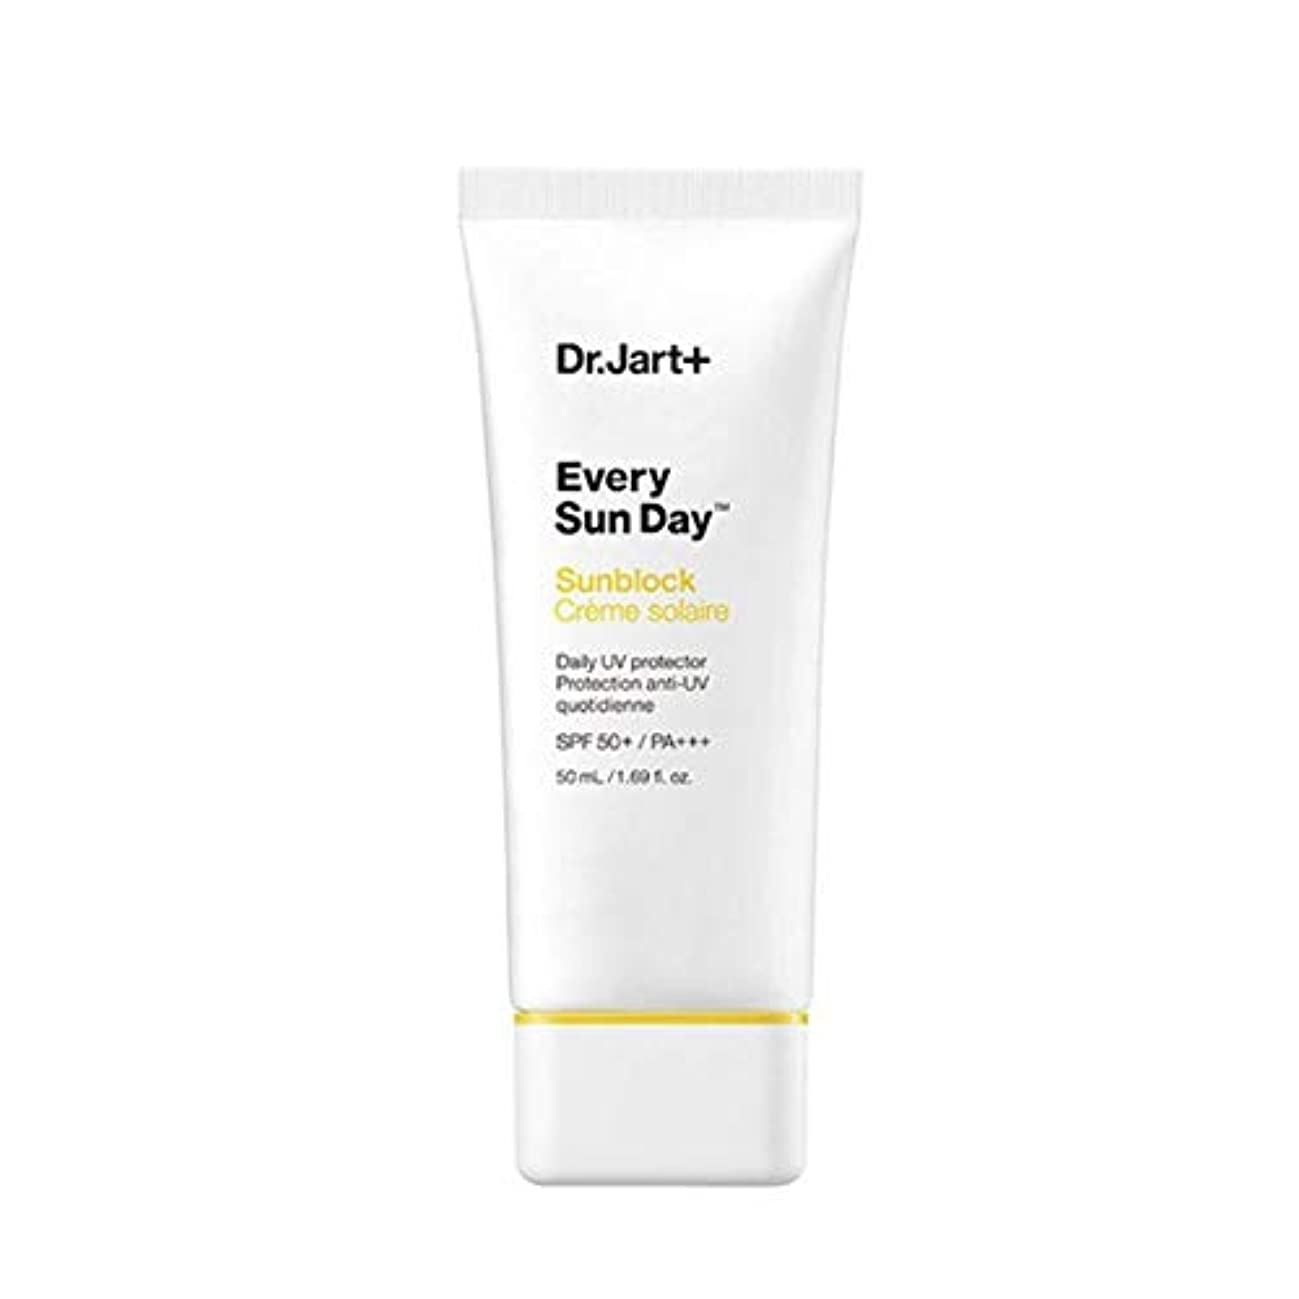 砂漠漫画針ドクタージャルトゥエブリサンデーサンブロック50mlサンクリーム韓国コスメ、Dr.Jart Every Sun Day Sun Block 50ml Sun Cream Korean Cosmetics [並行輸入品]